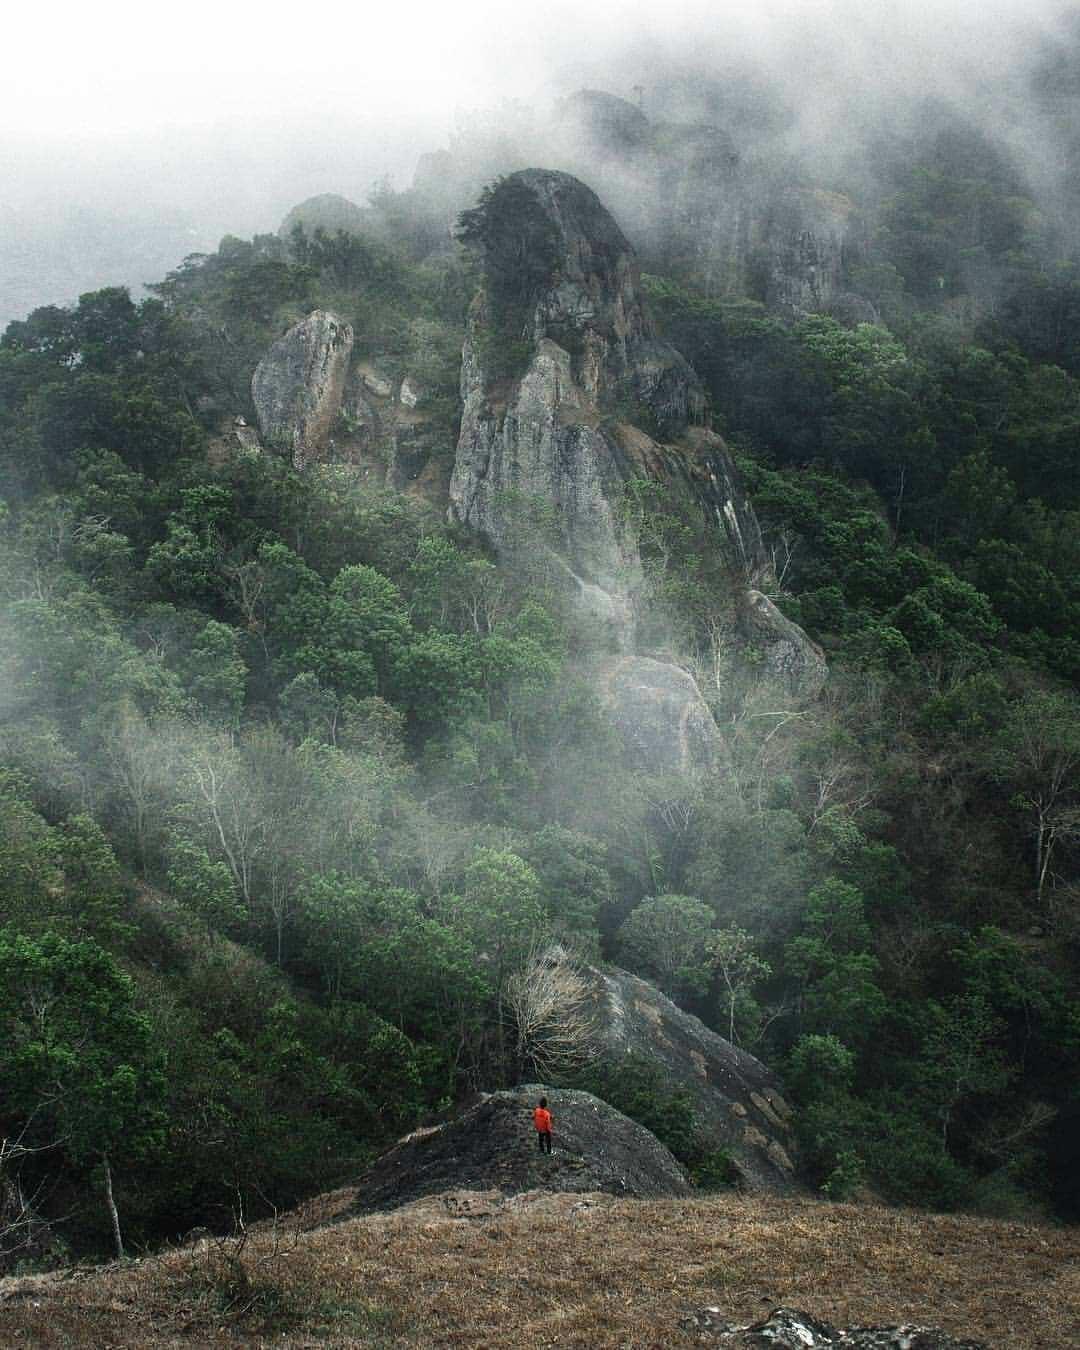 Pemandangan Beserta Awan di Gunung Api Purba Ngelanggeran, Image From @joeadimara_